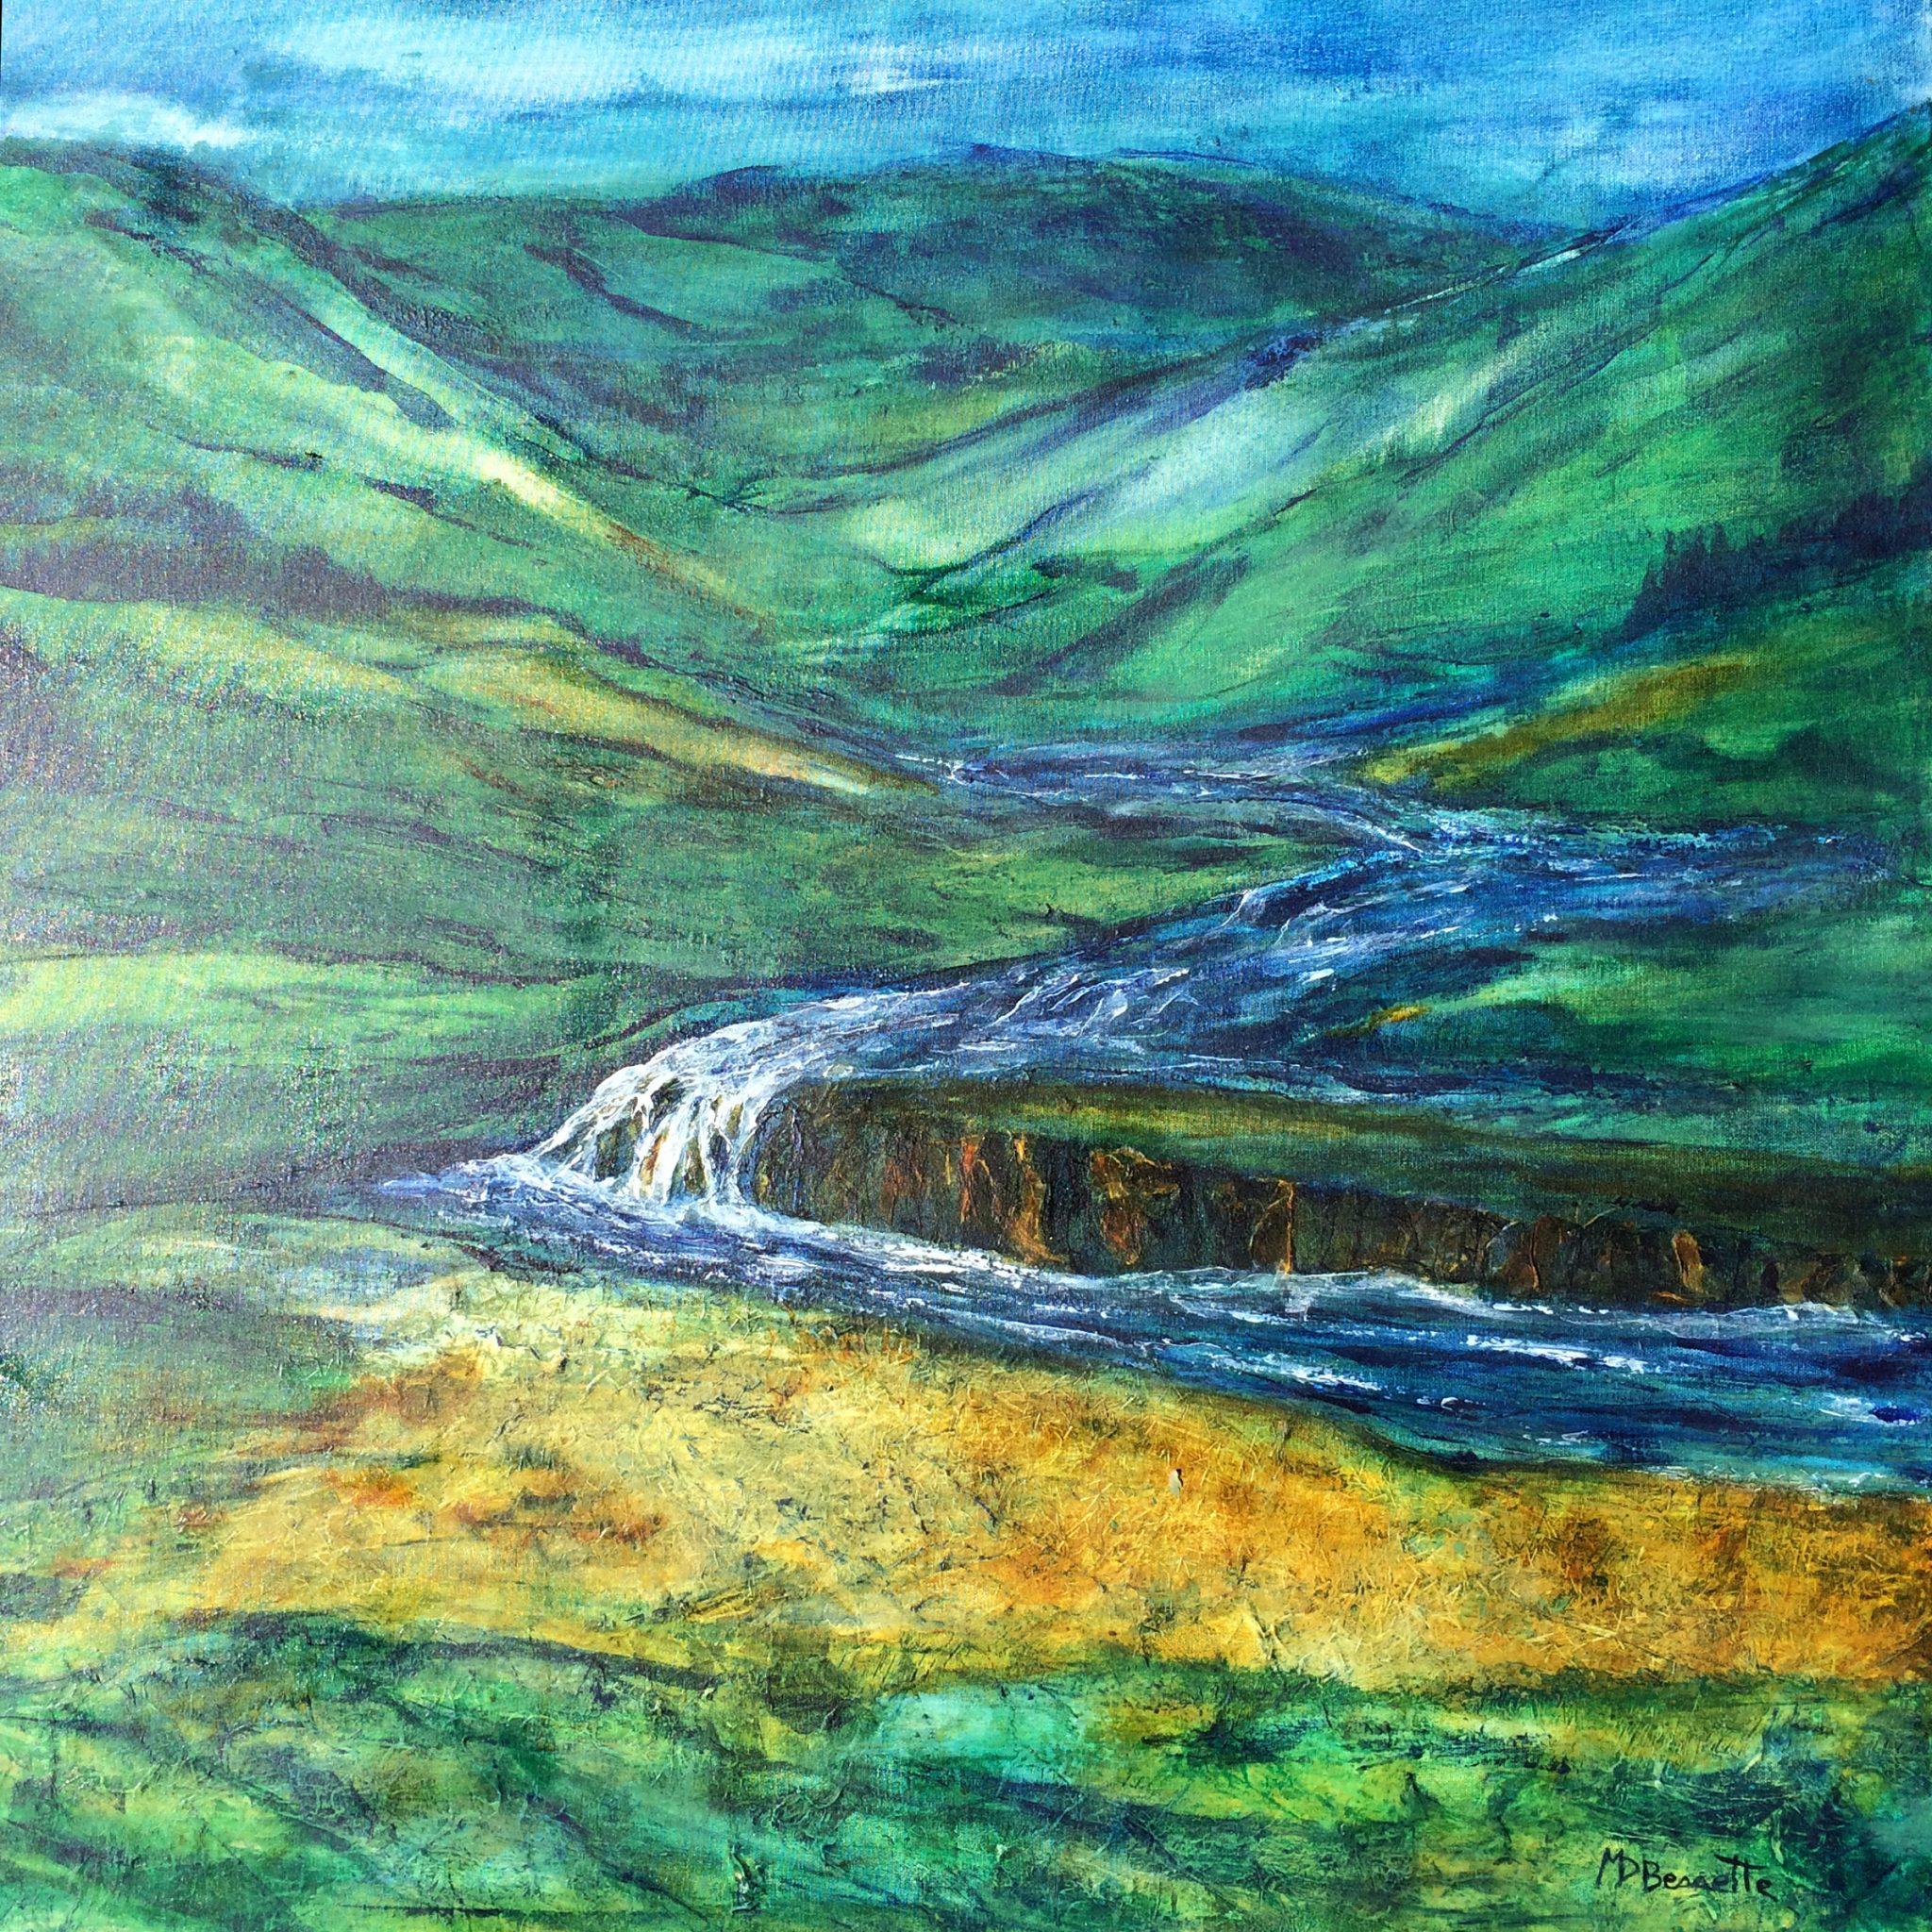 Vallée façonnée par l'eau